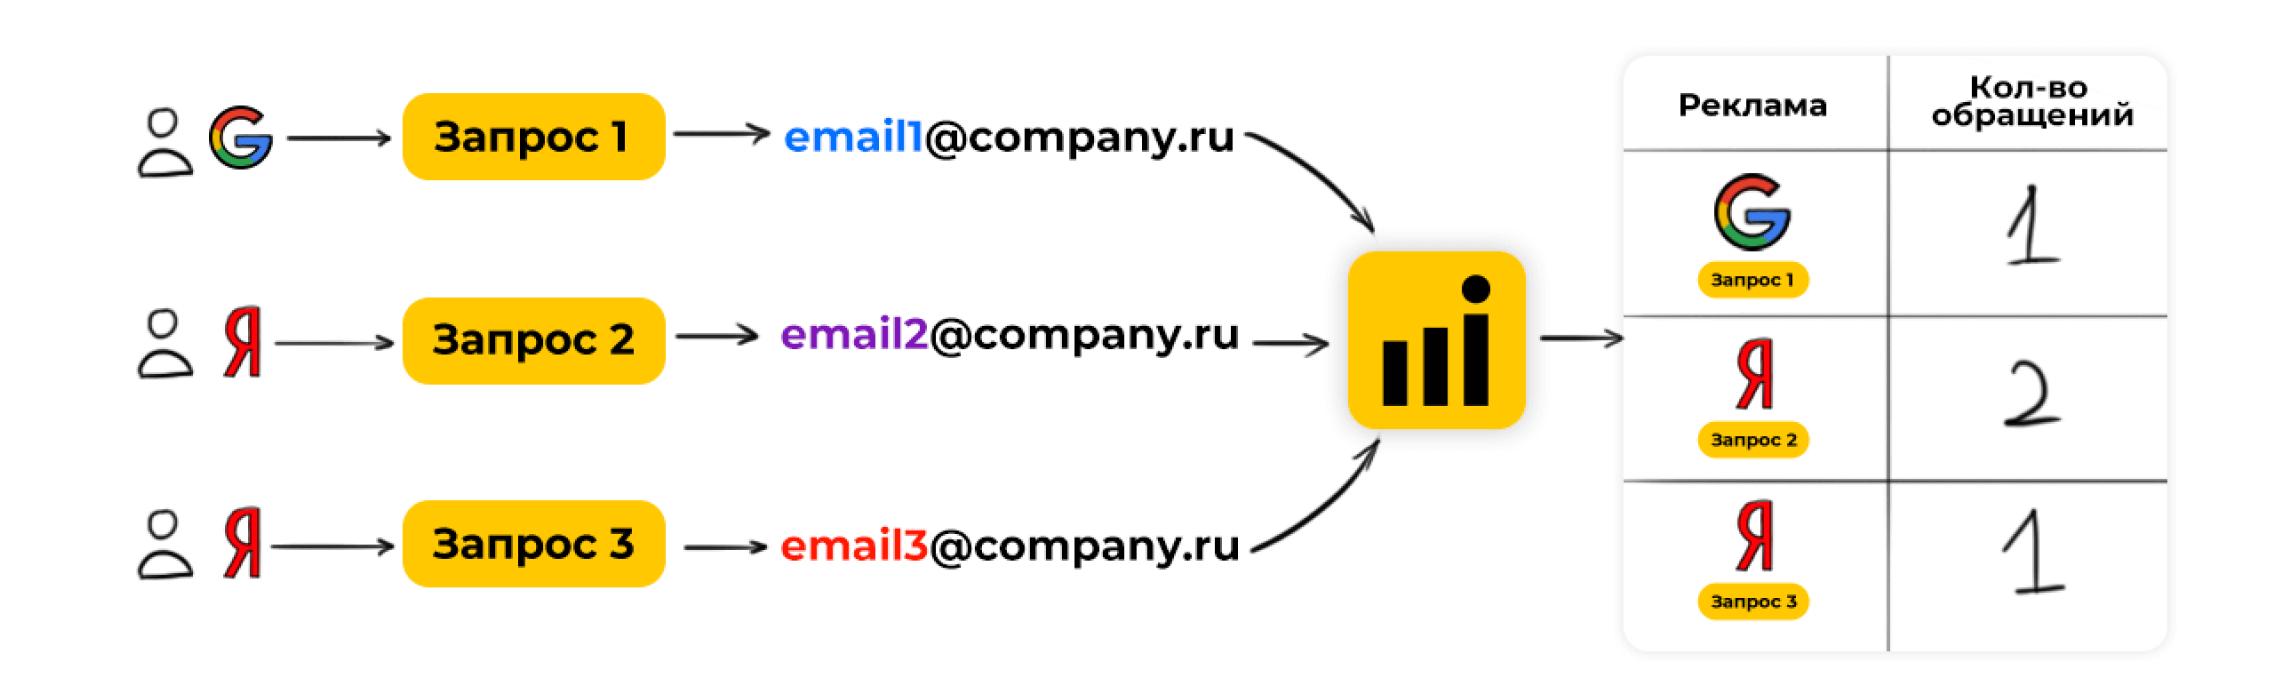 как работает email-трекинг